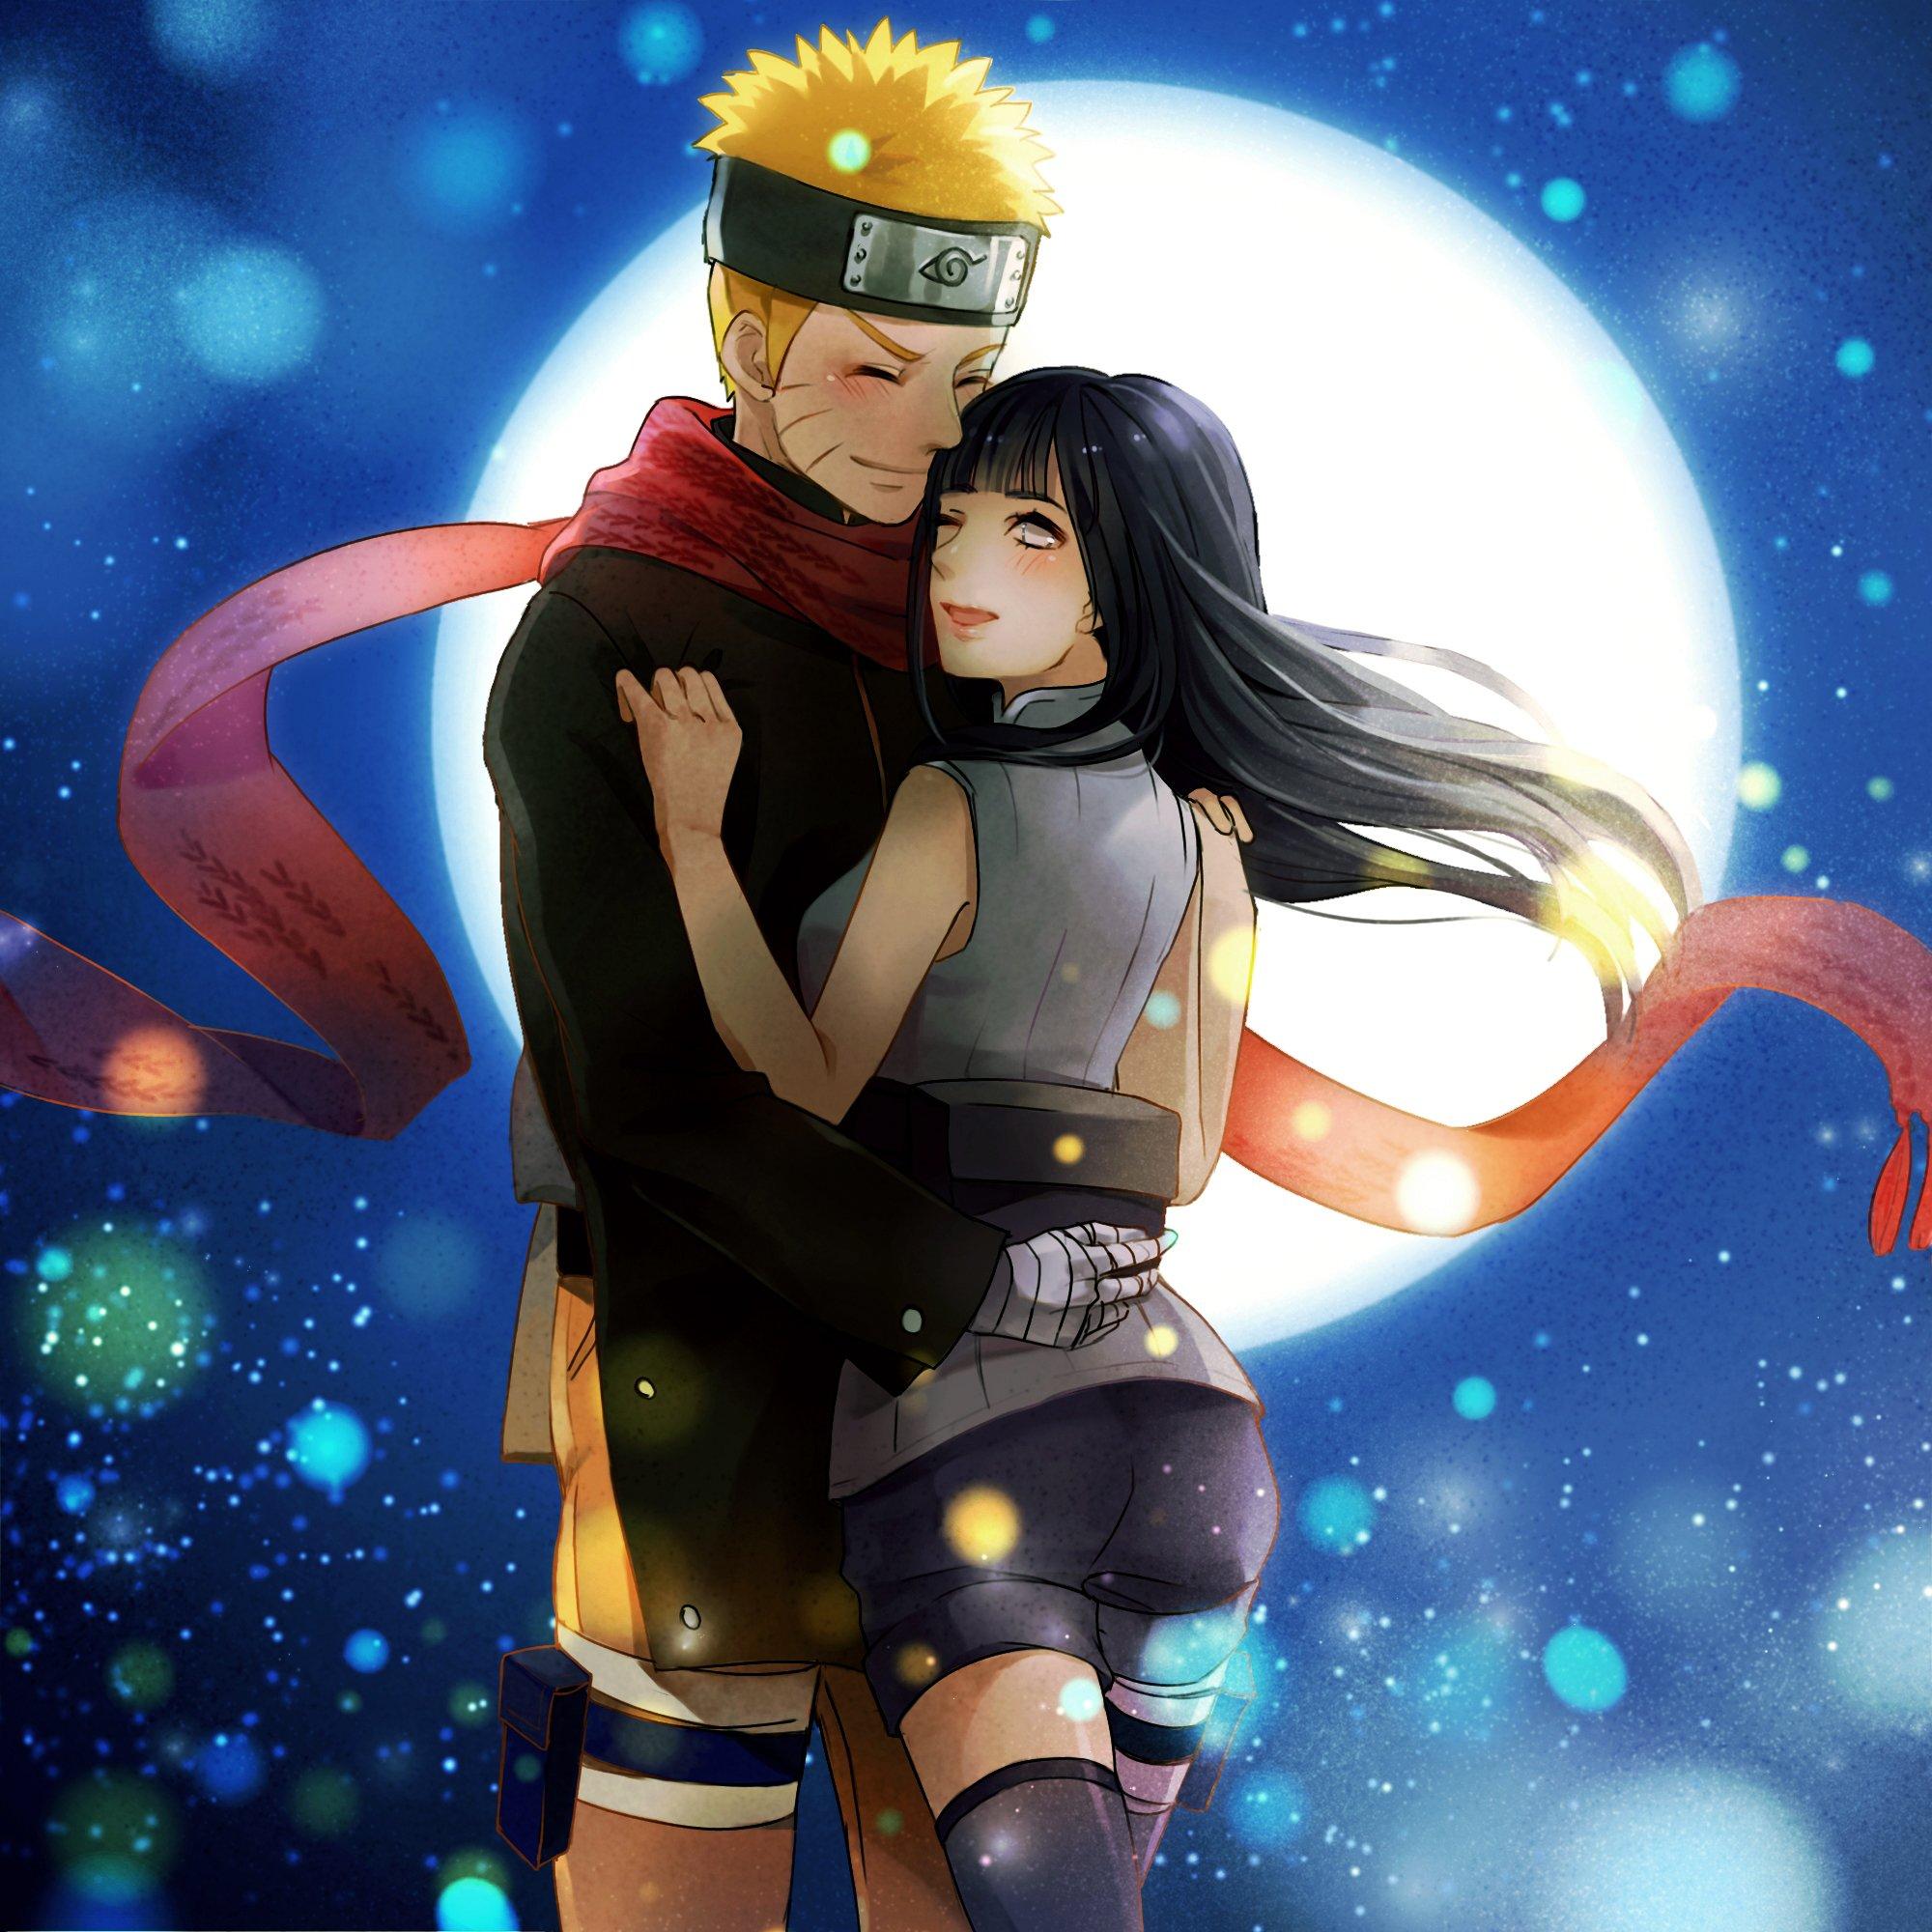 NARUTO Hyuuga Hinata Uzumaki Naruto Wallpaper